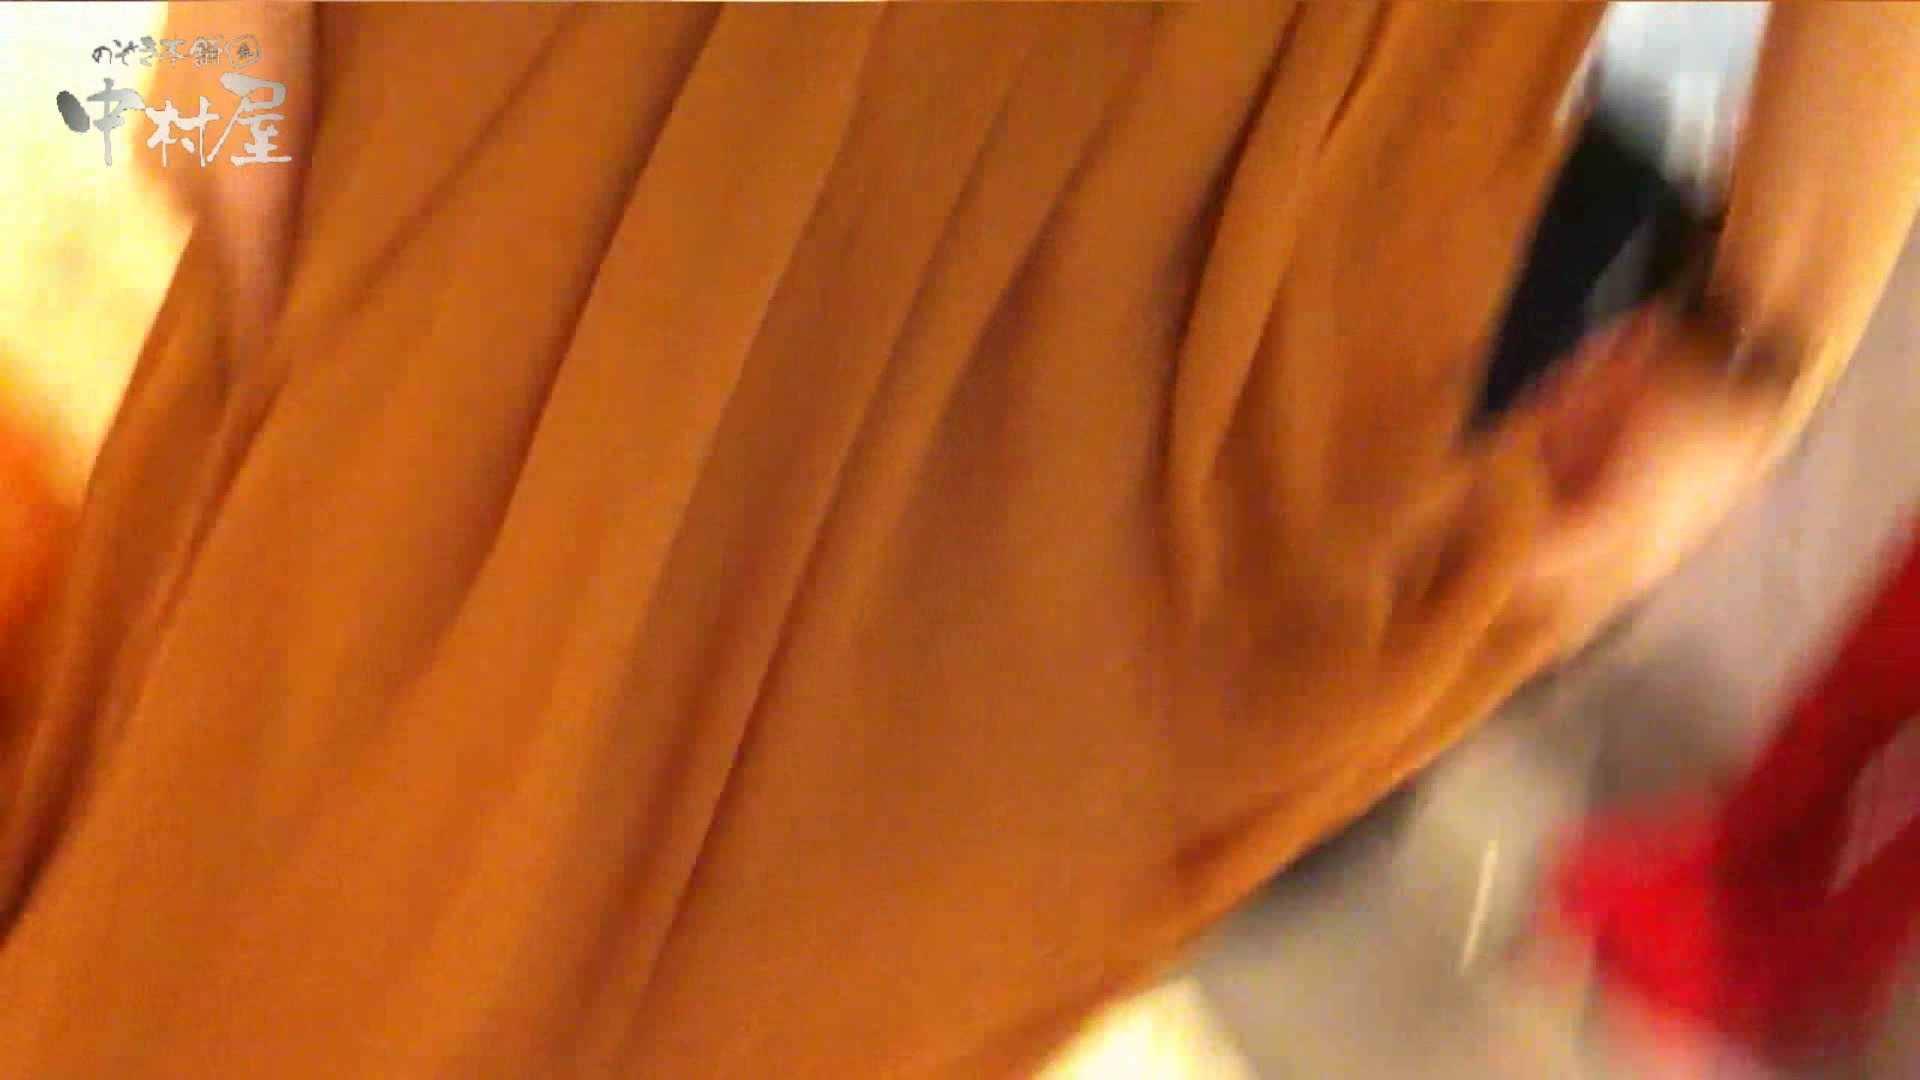 vol.84 美人アパレル胸チラ&パンチラ 帽子オネェさんに胸元アタック! 接写  89pic 60